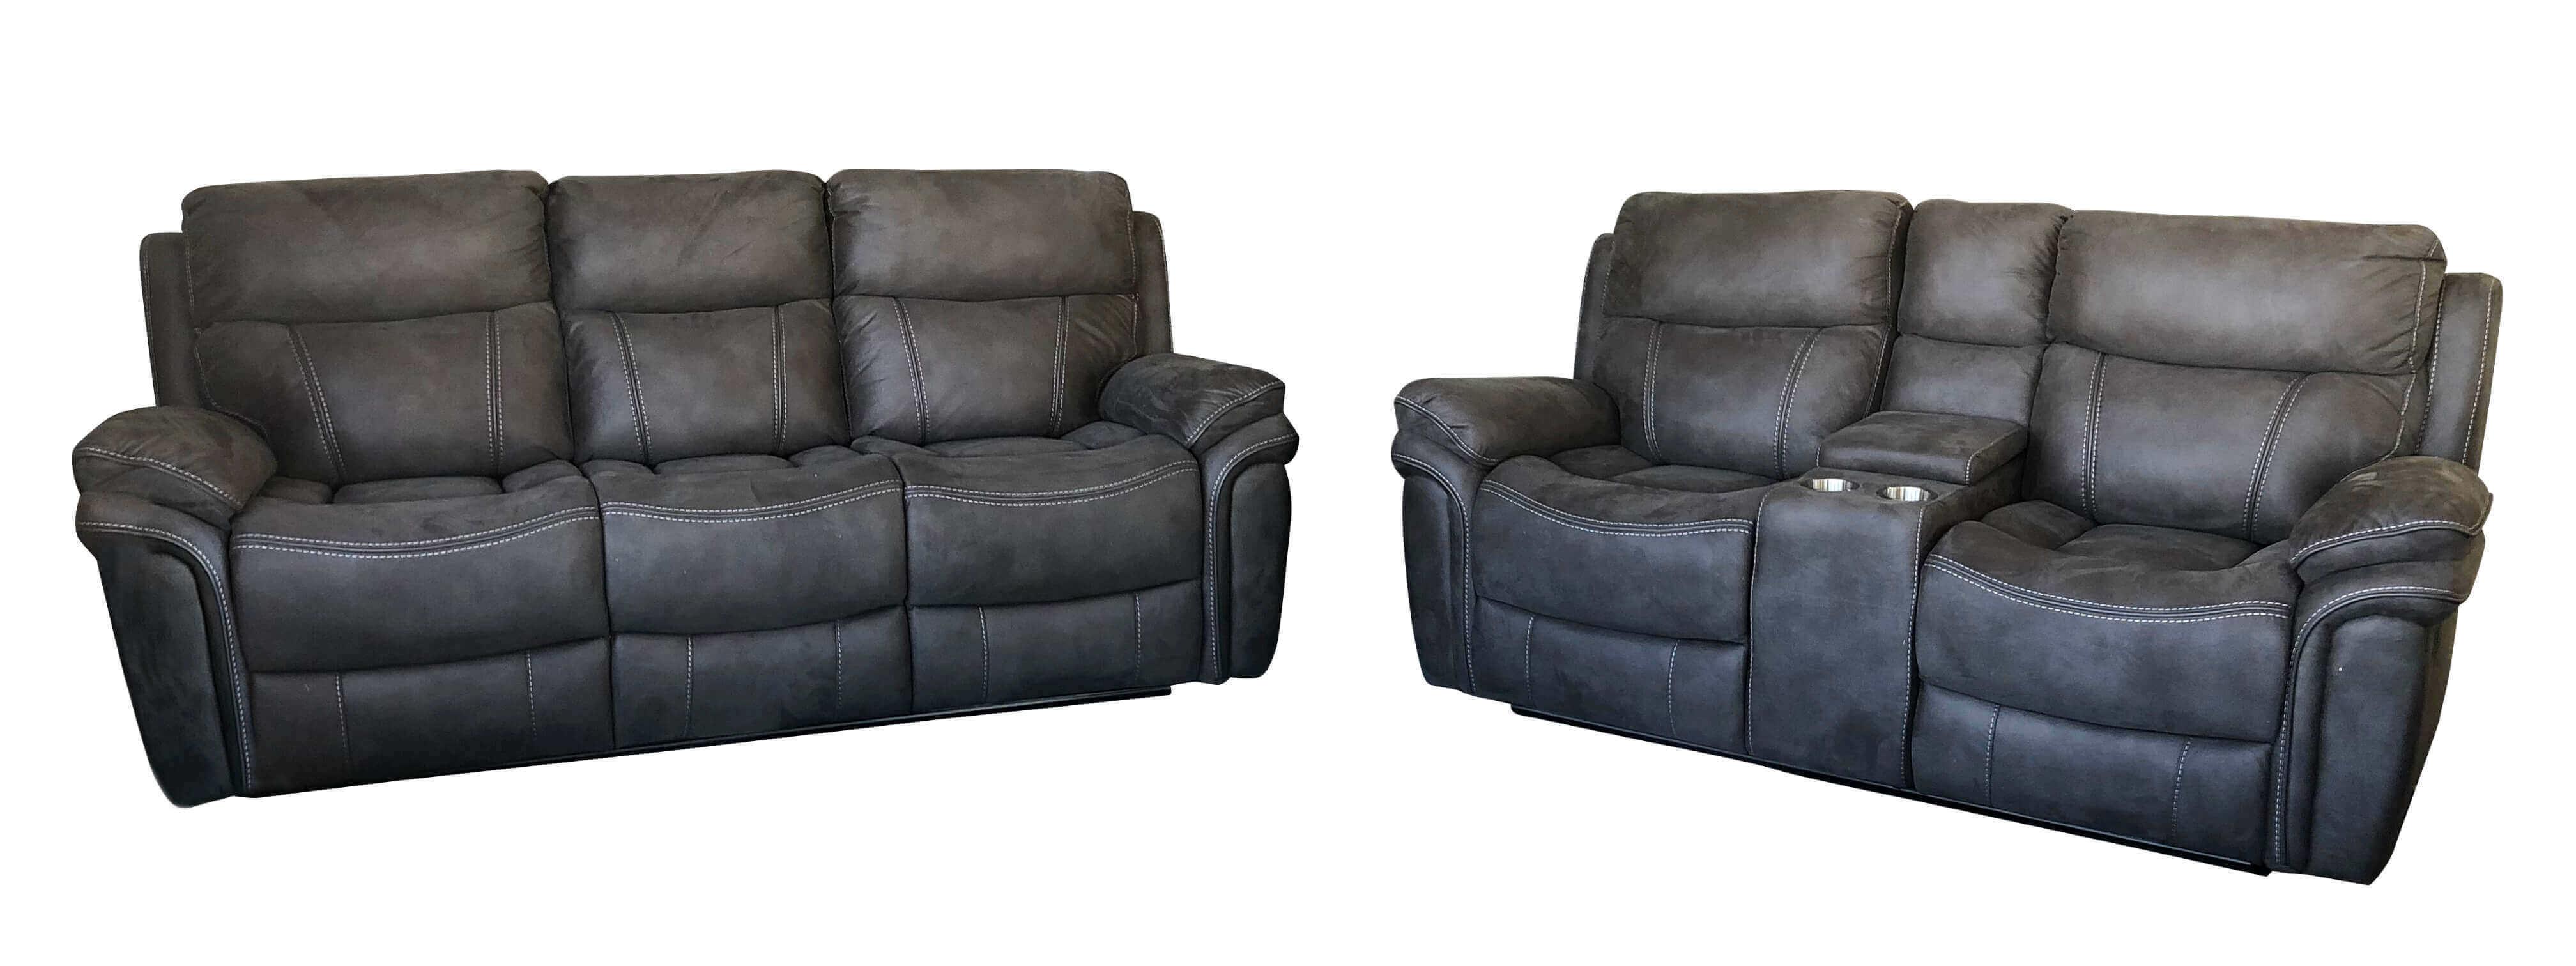 Astounding Mako Reclining Sofa And Loveseat Uwap Interior Chair Design Uwaporg